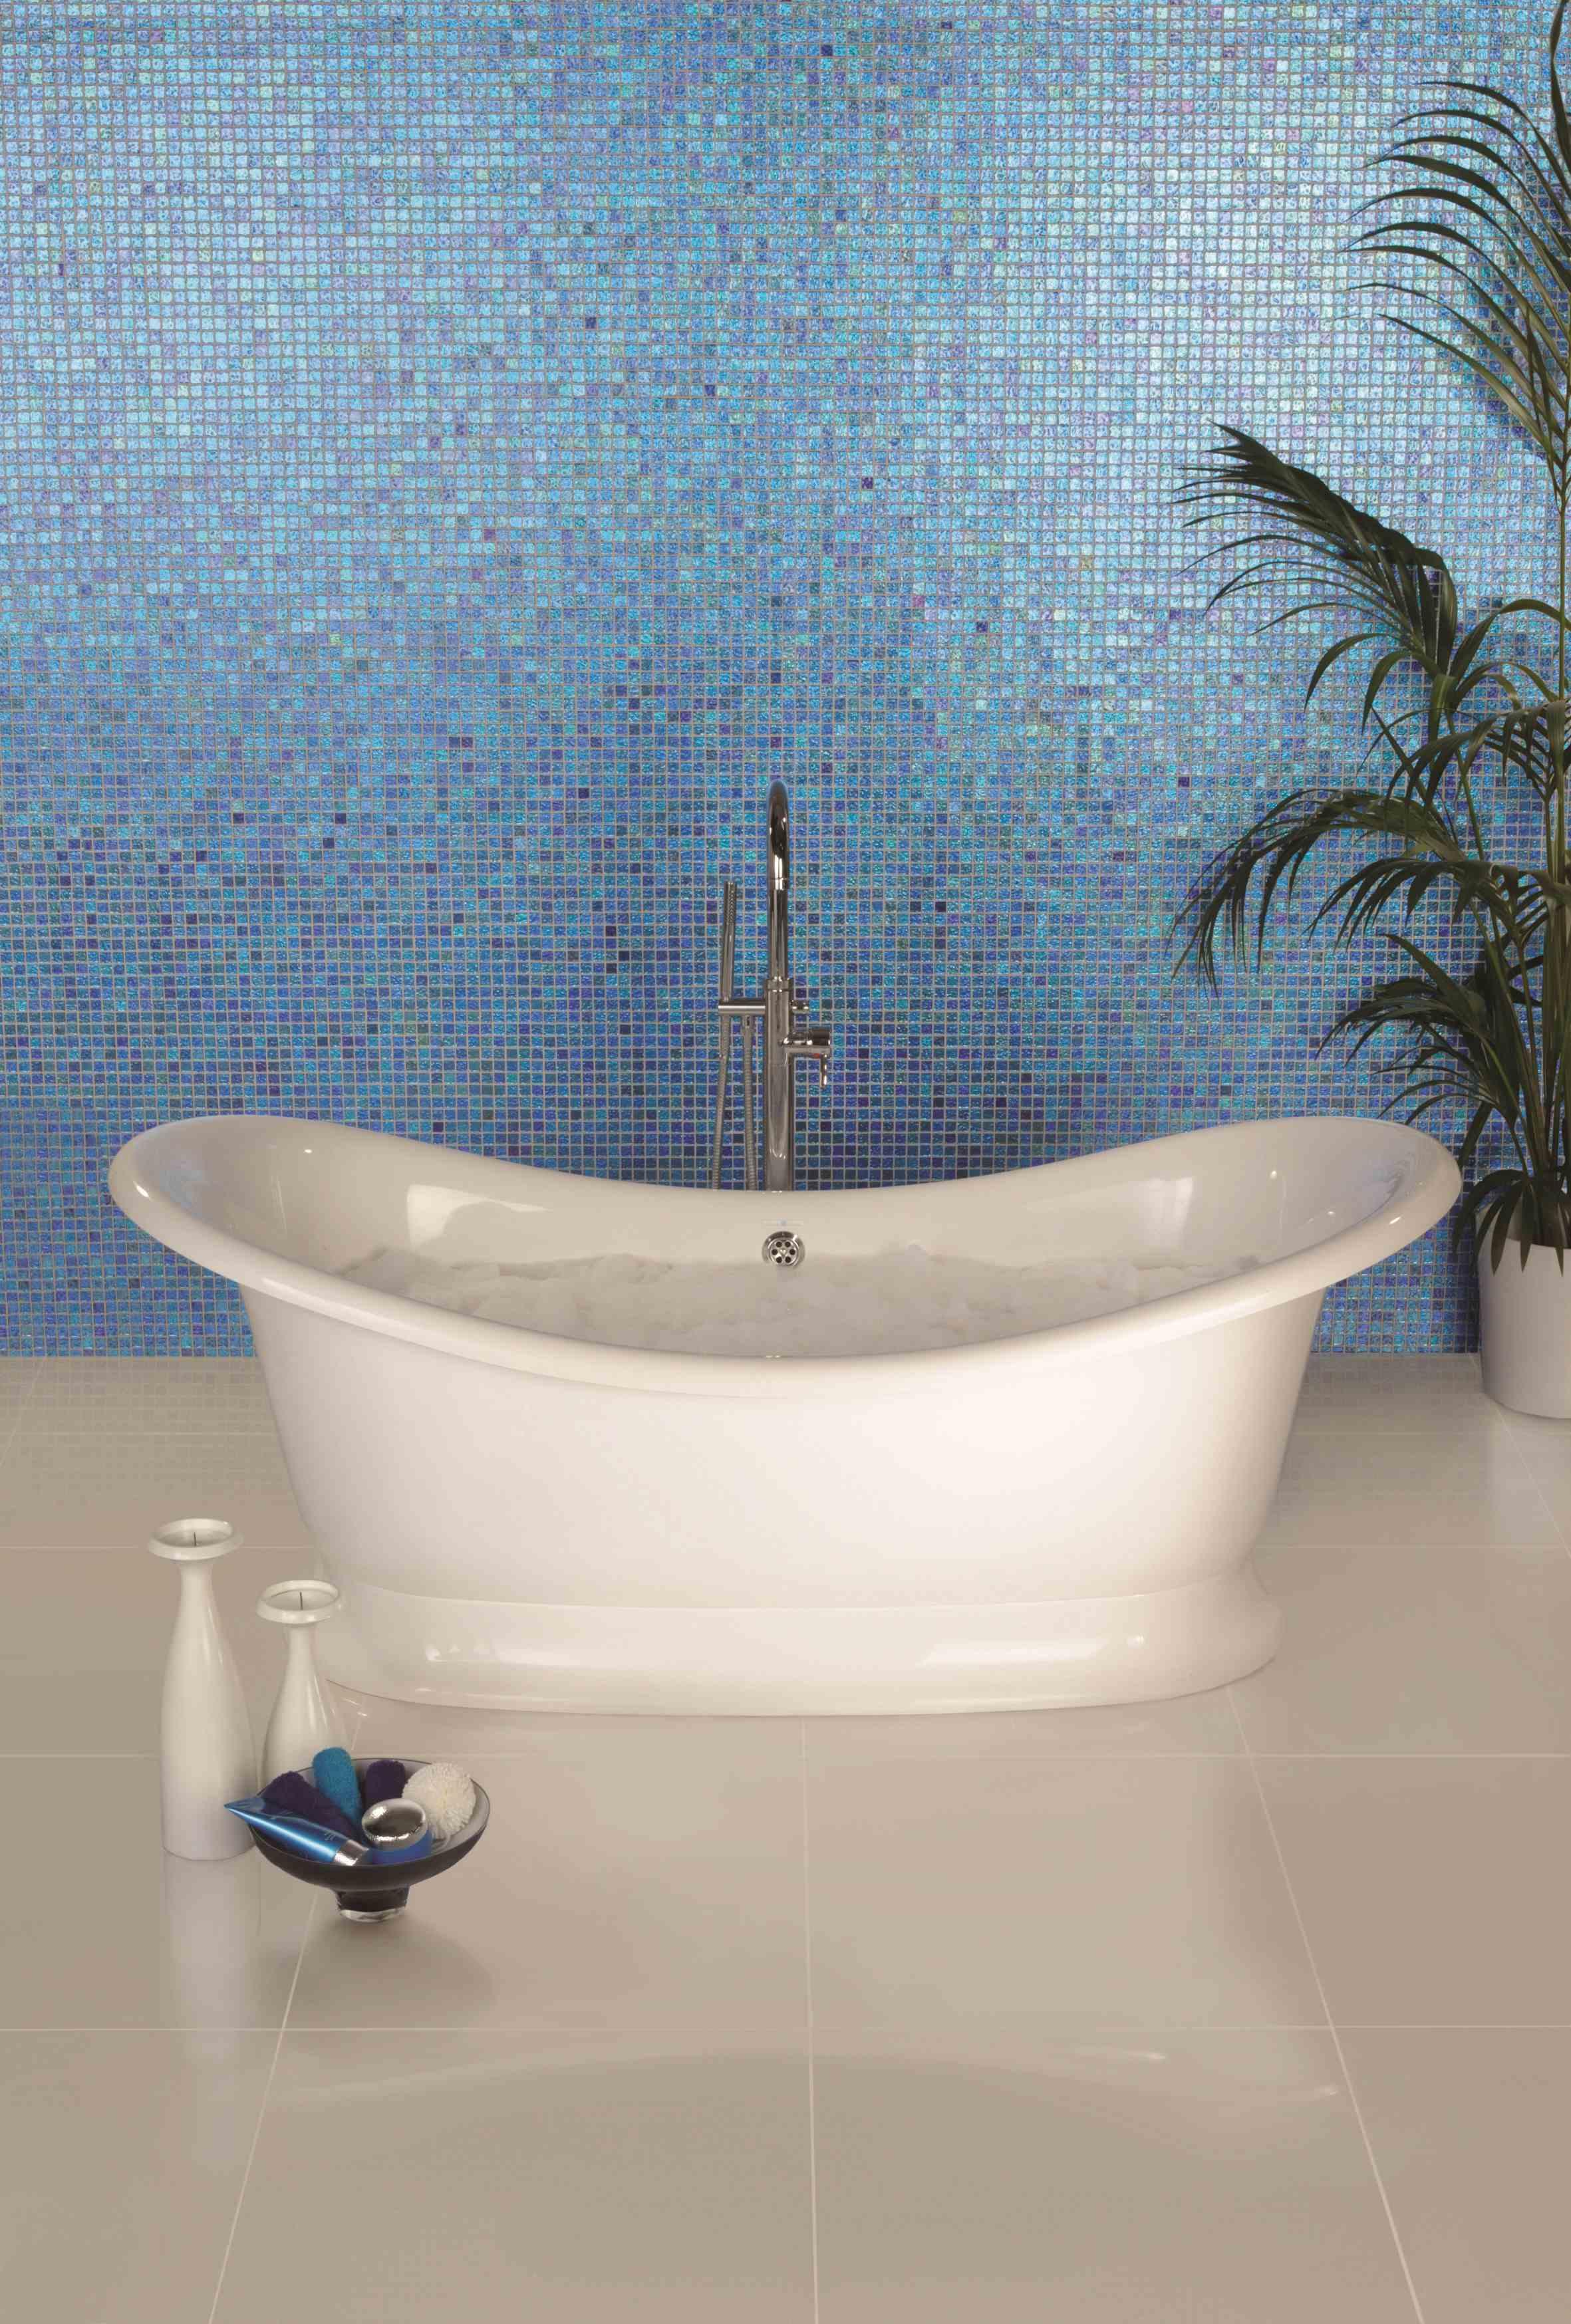 Original Style_Mosaics_Crystal Blue - GW-CRYMOS Crystal Blue main image.jpg